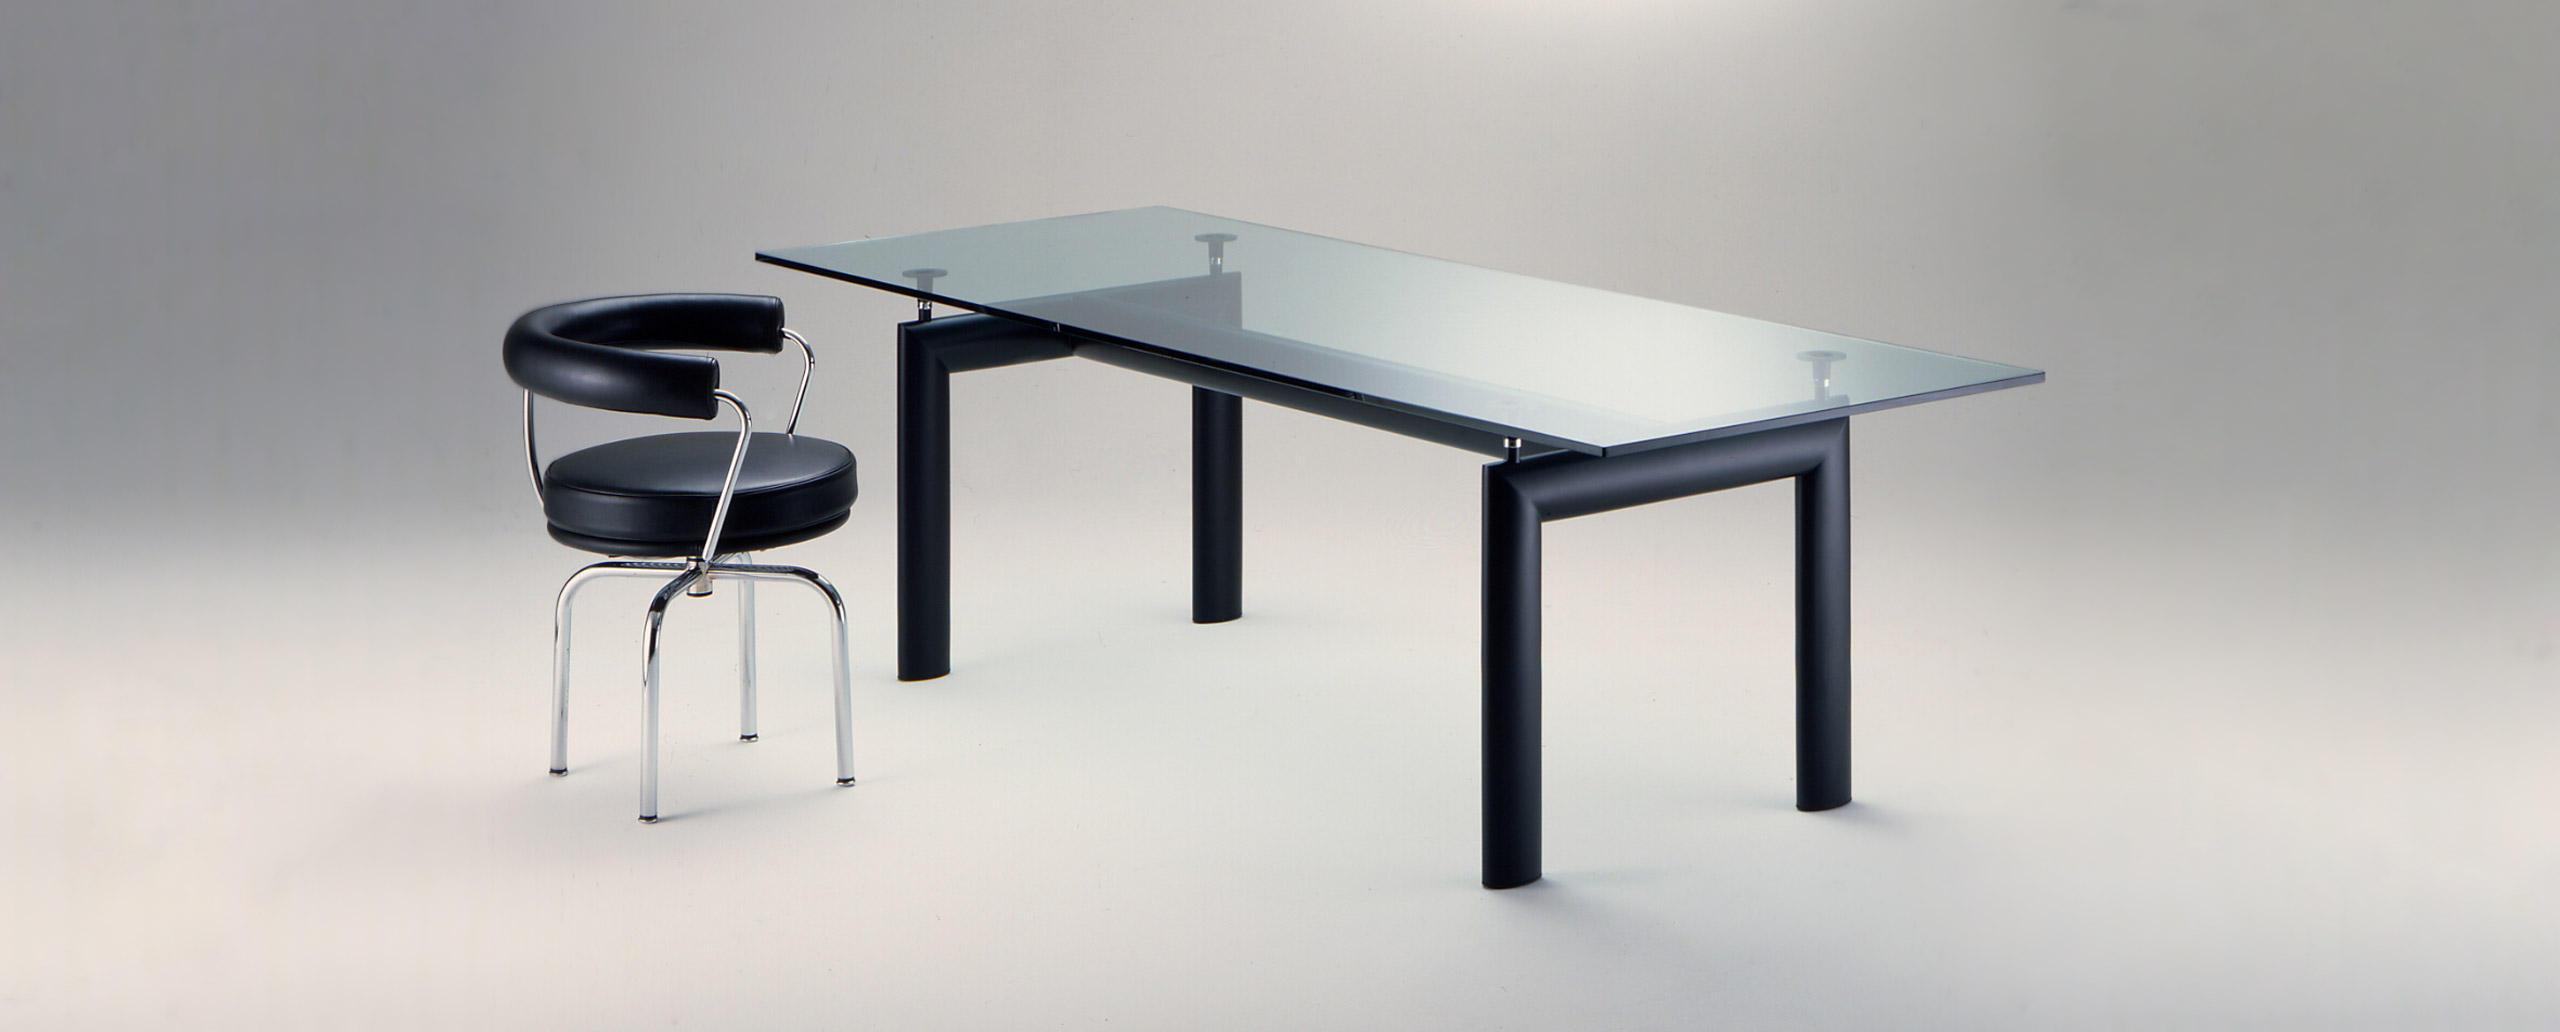 Lc6 cassina le corbusier - Tavolo cristallo le corbusier ...